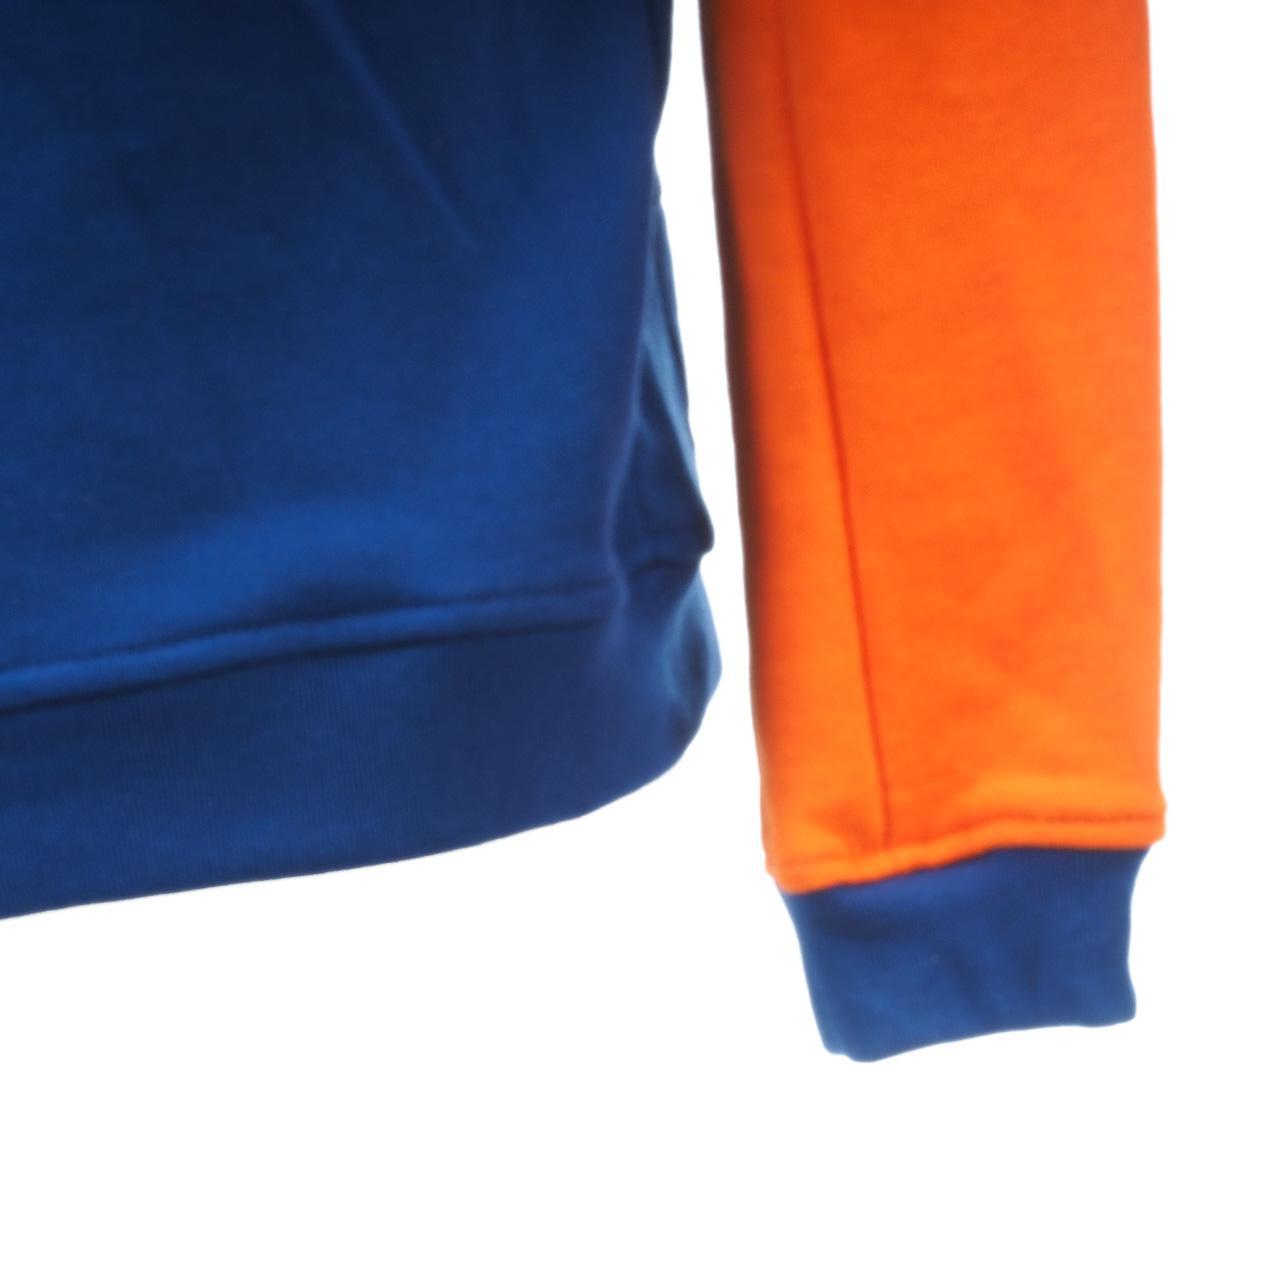 Sweatshirt-Kapuze-Kapuzenpulli-Outstuff-Knicks-Ny-Umhang-Okc-Blau-60529-Neu Indexbild 3